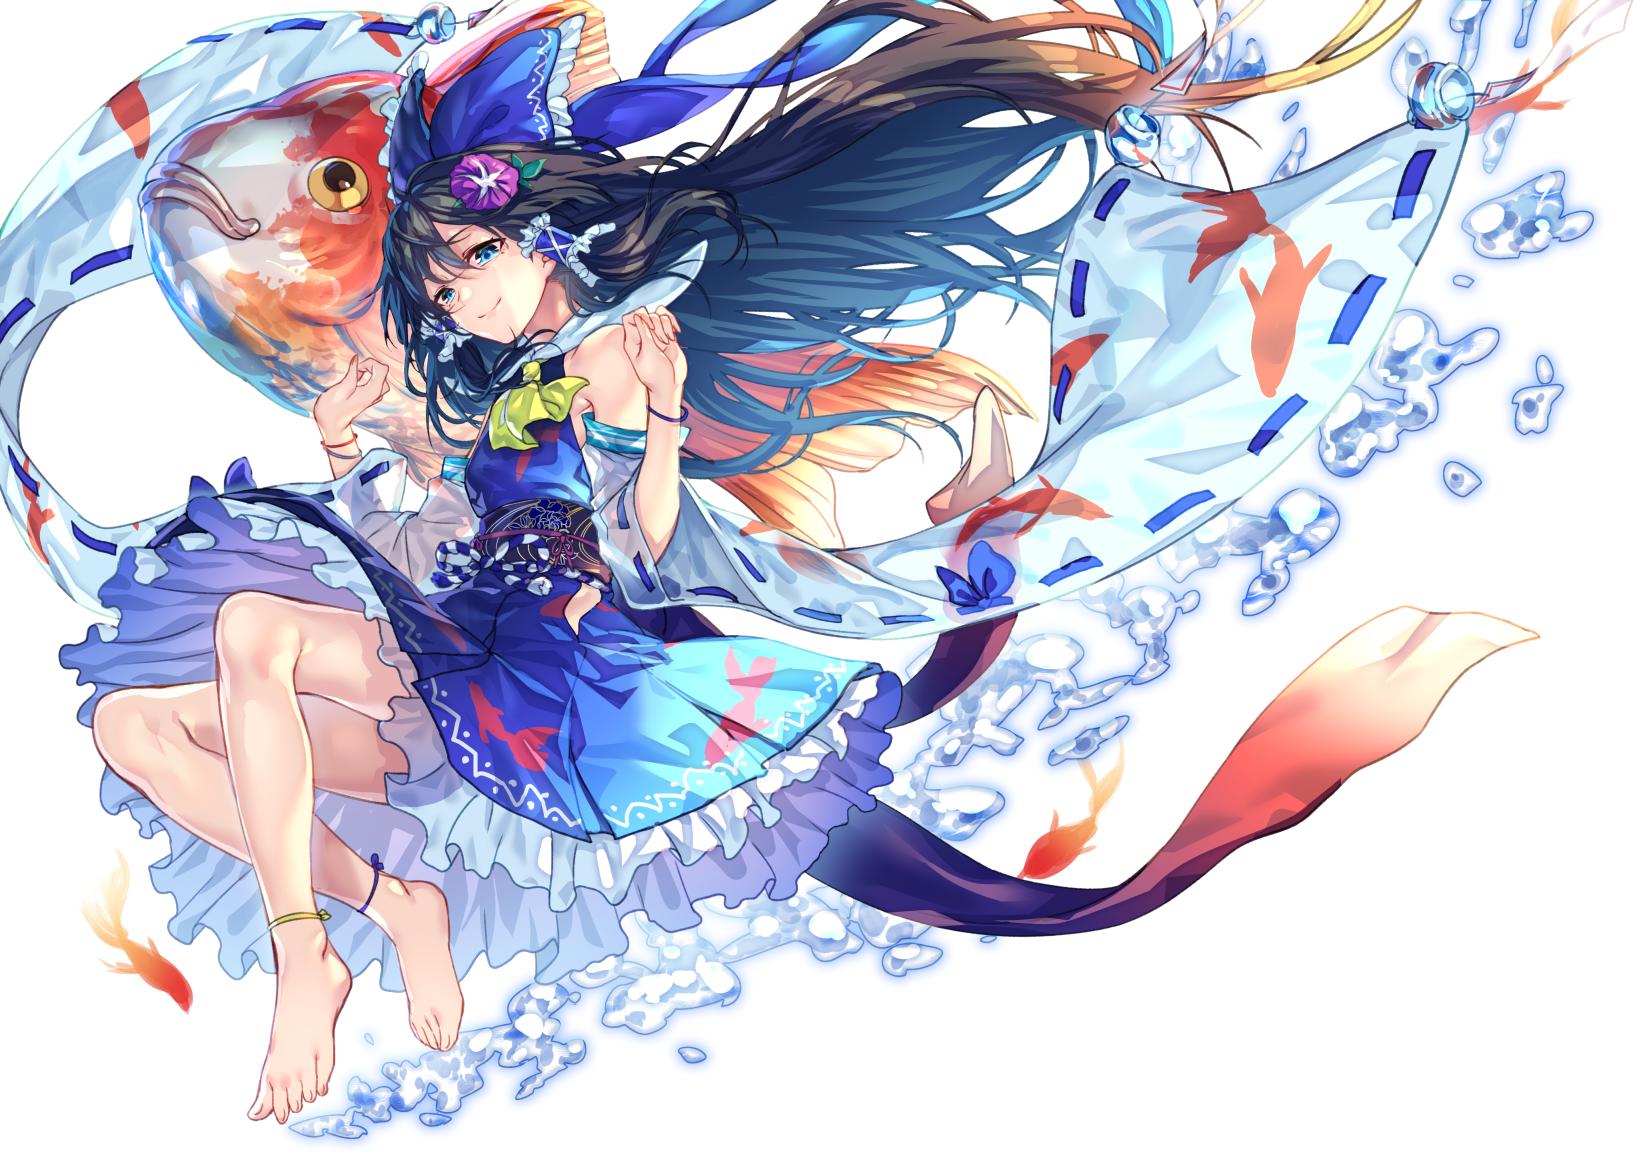 Summer is fully open [i 64616702] pixiv 芸術的アニメ少女, 霊夢